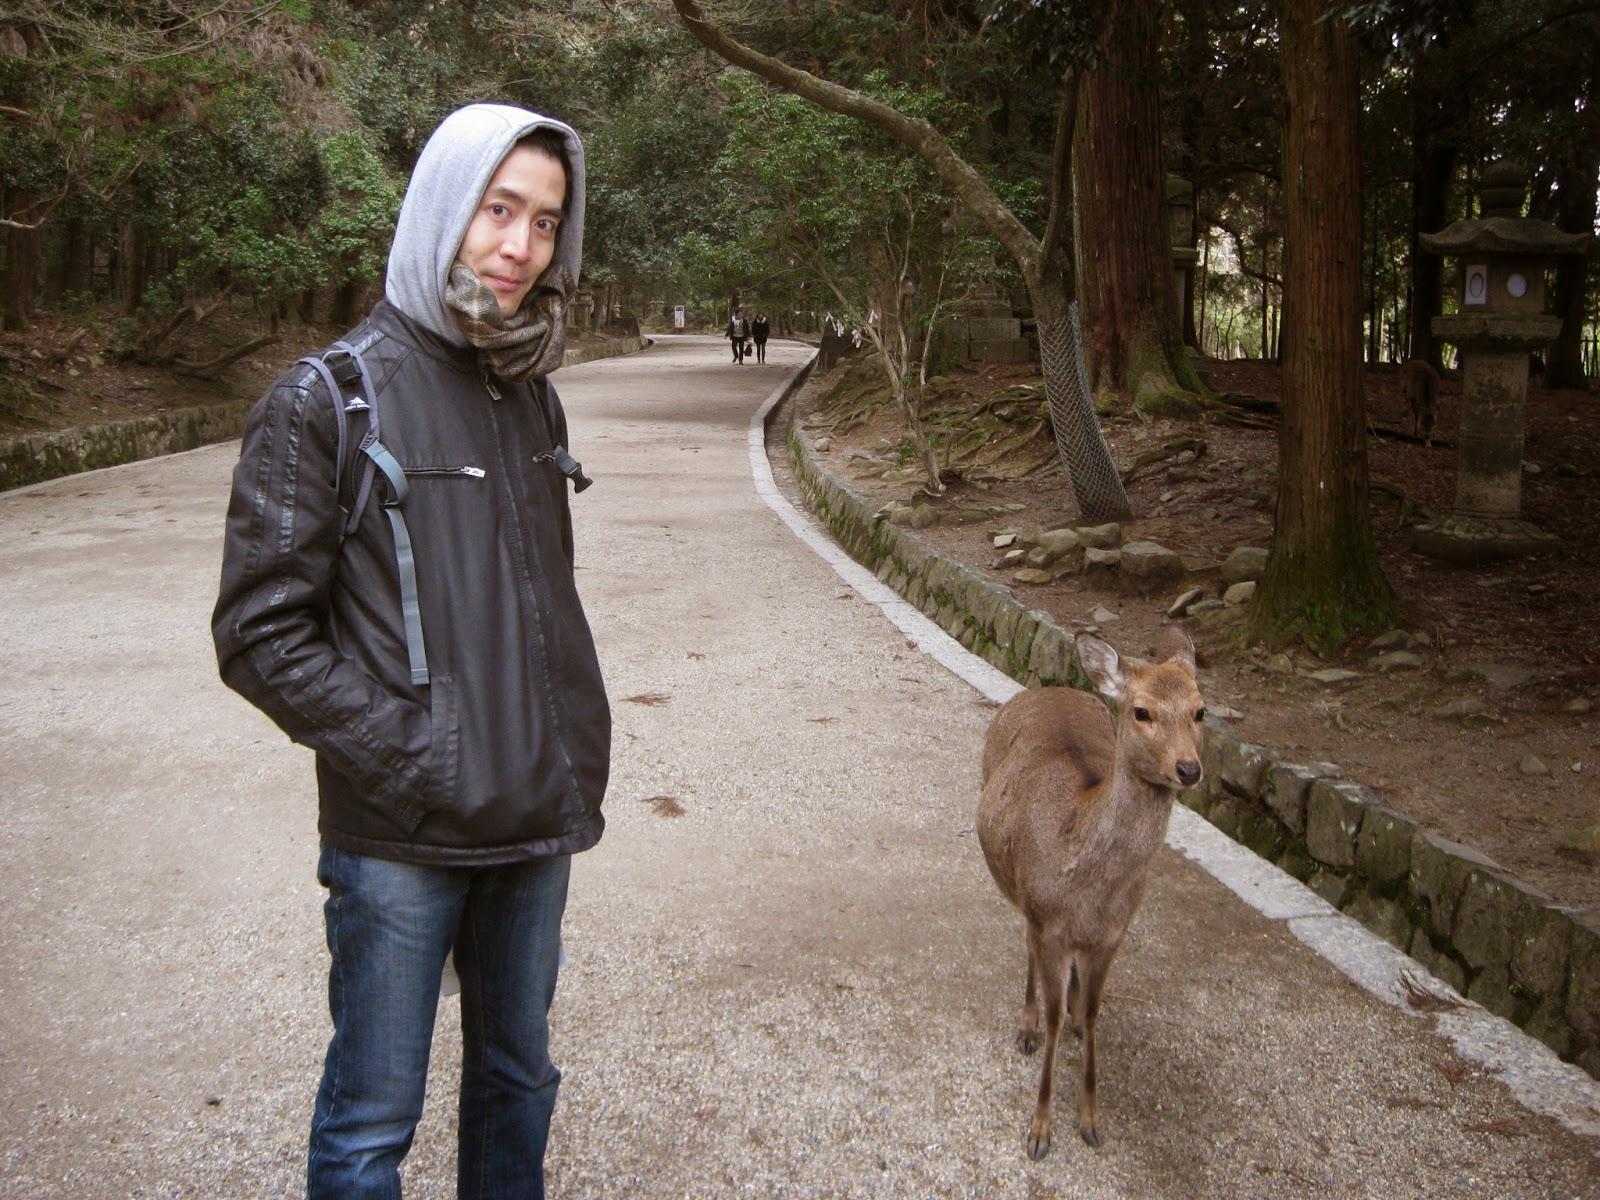 Kyoto - Deer on the grounds of Kasuga-taisha Shrine